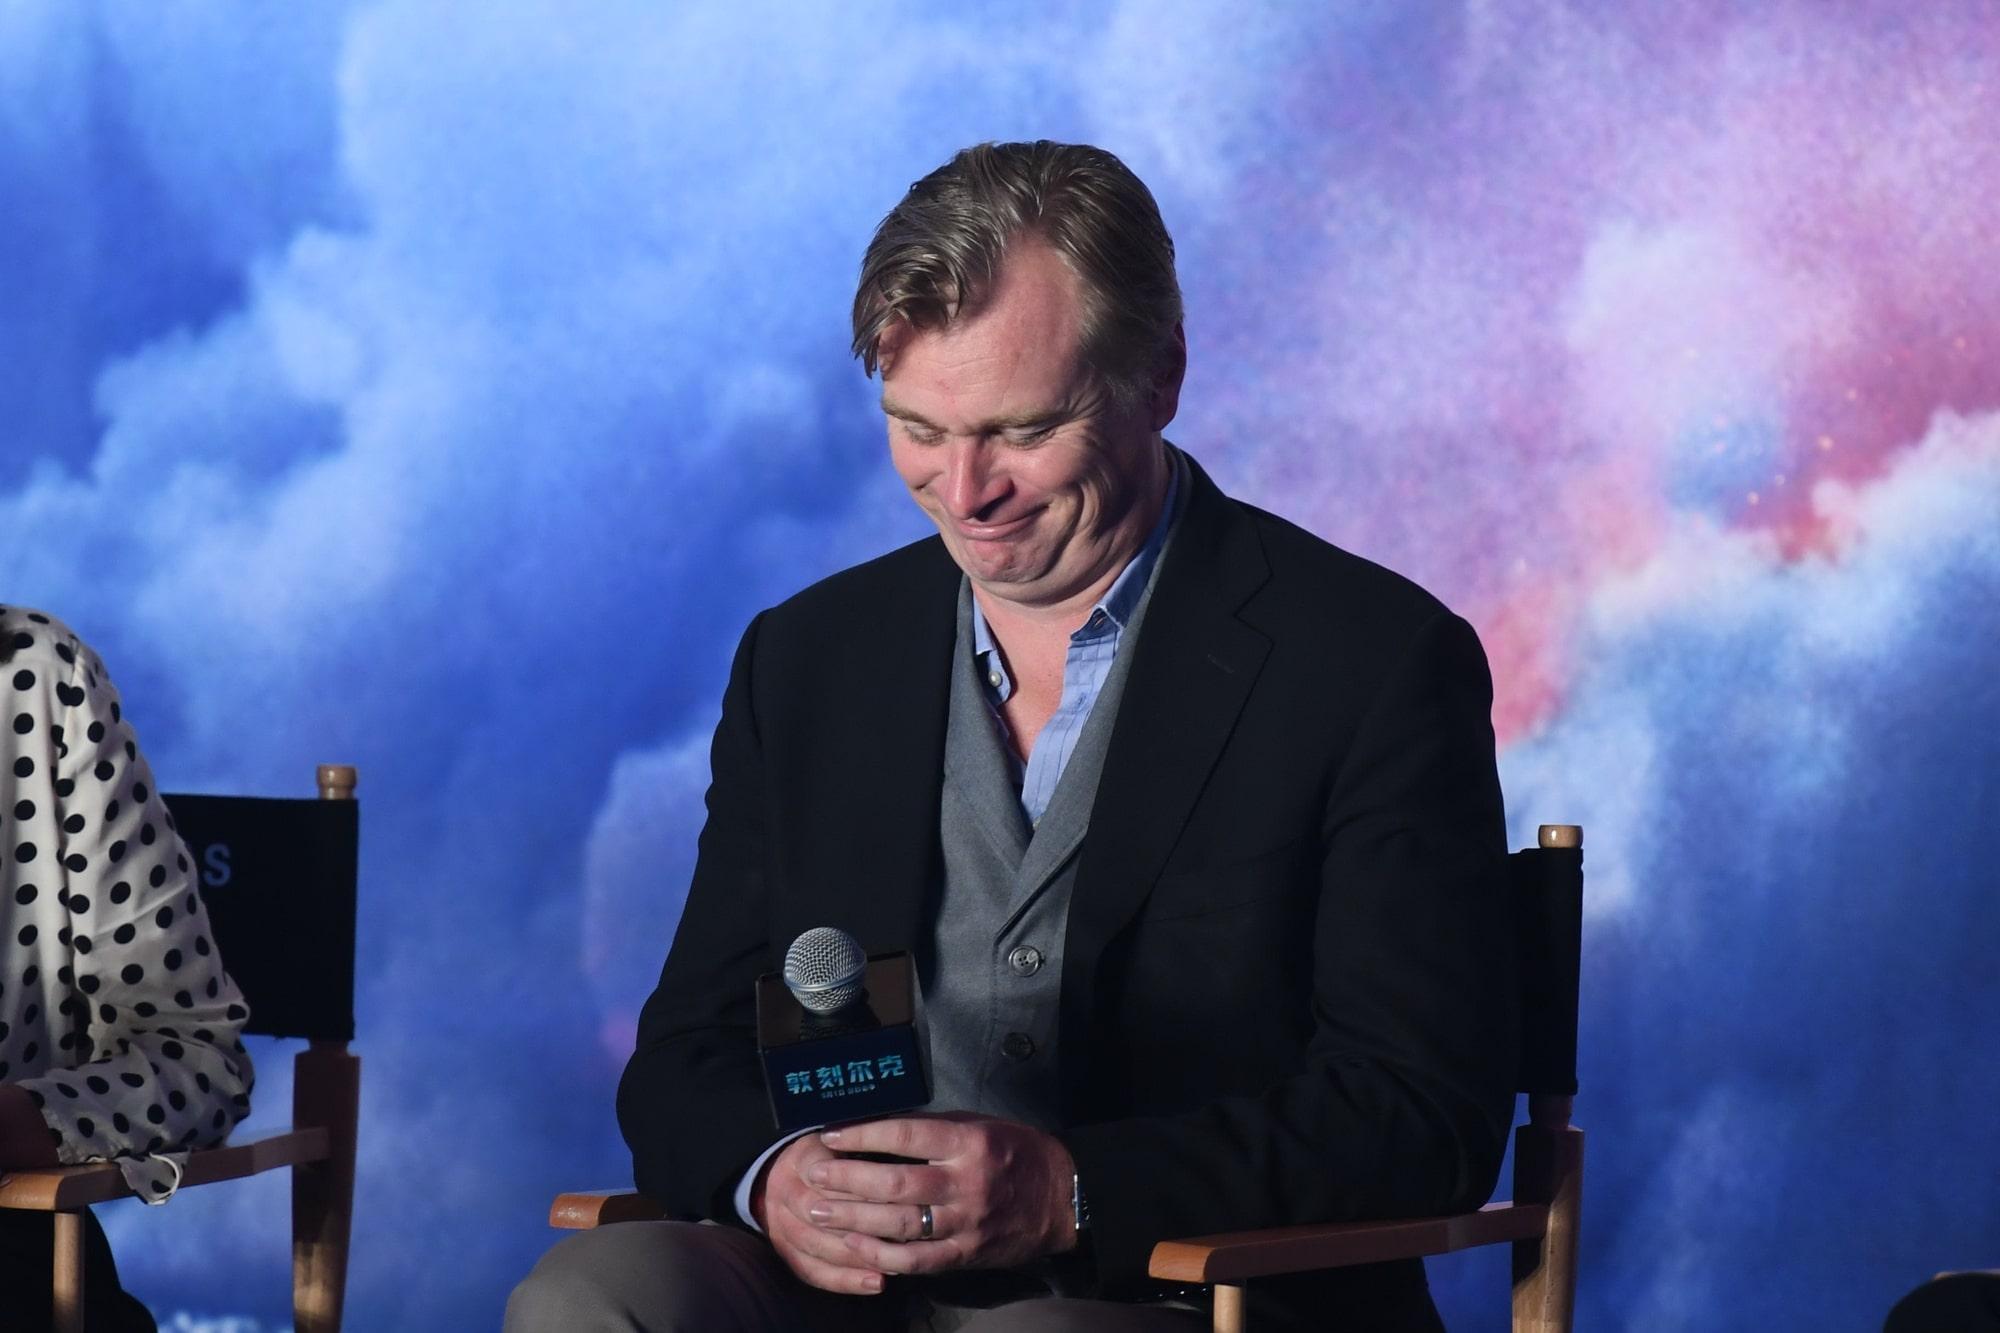 Новый фильм Нолана «Довод» оживляет киноиндустрию после пандемии